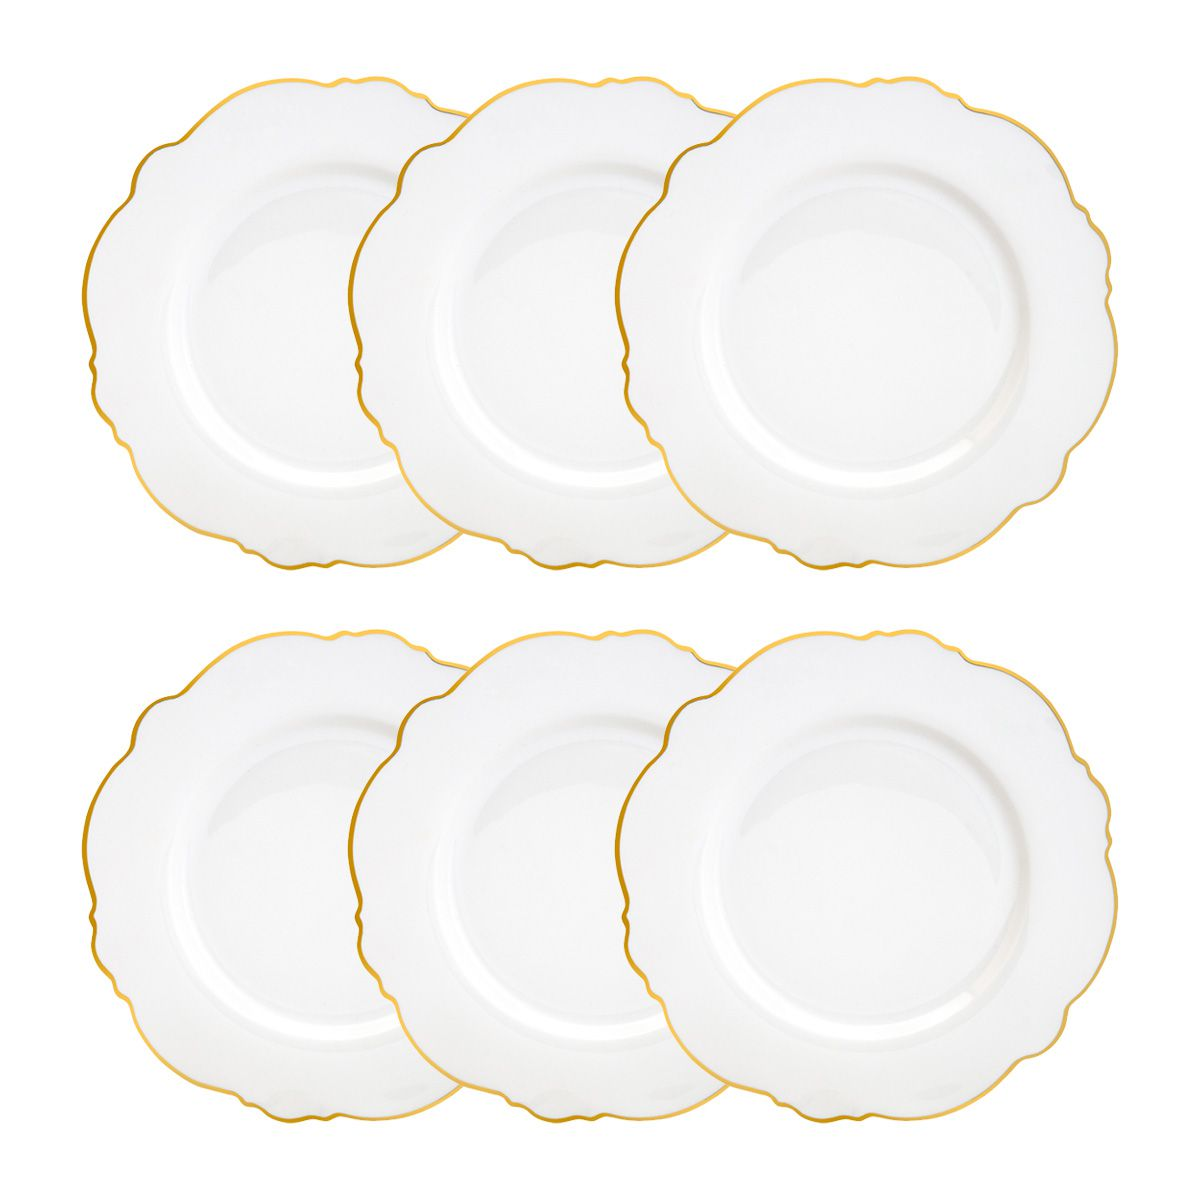 Jogo 6 pratos 21 cm para sobremesa de porcelana fio dourado New Bone Wolff - 35371